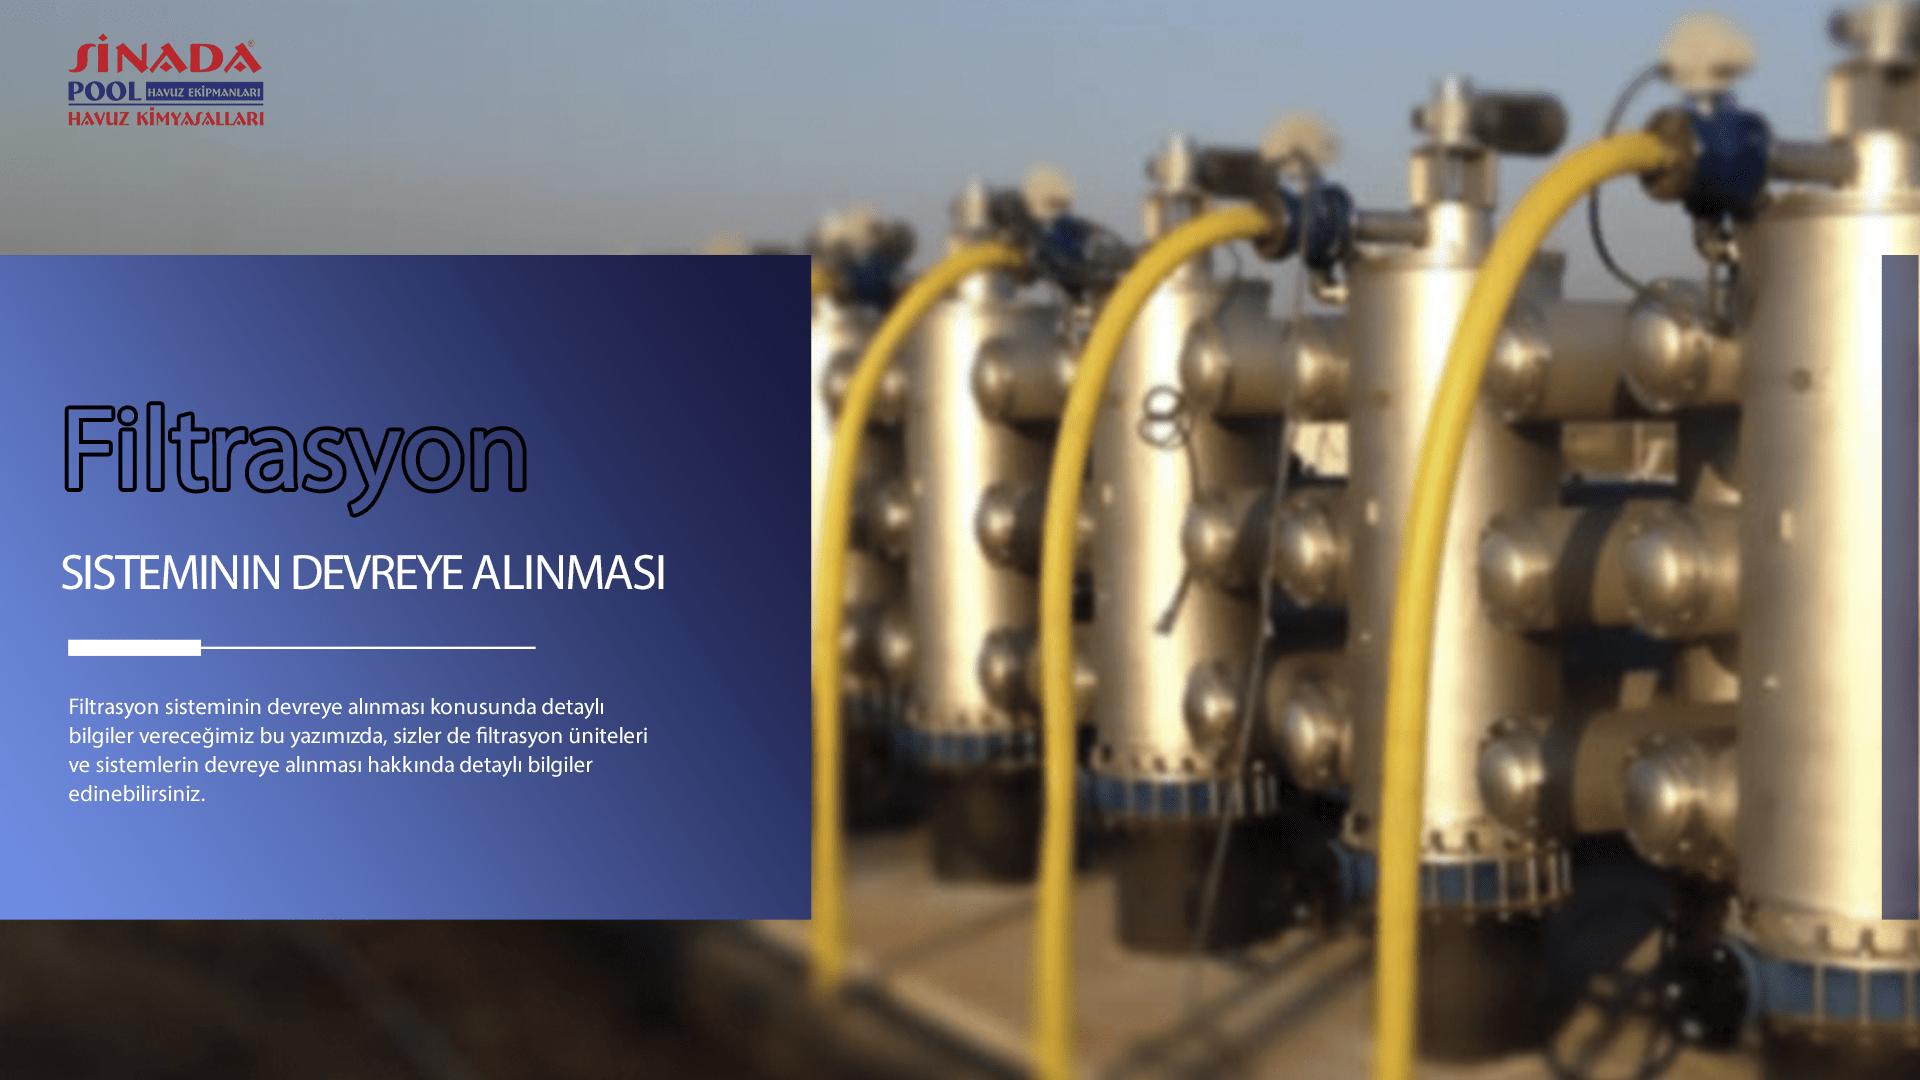 Filtrasyon Sisteminin Devreye Alınması